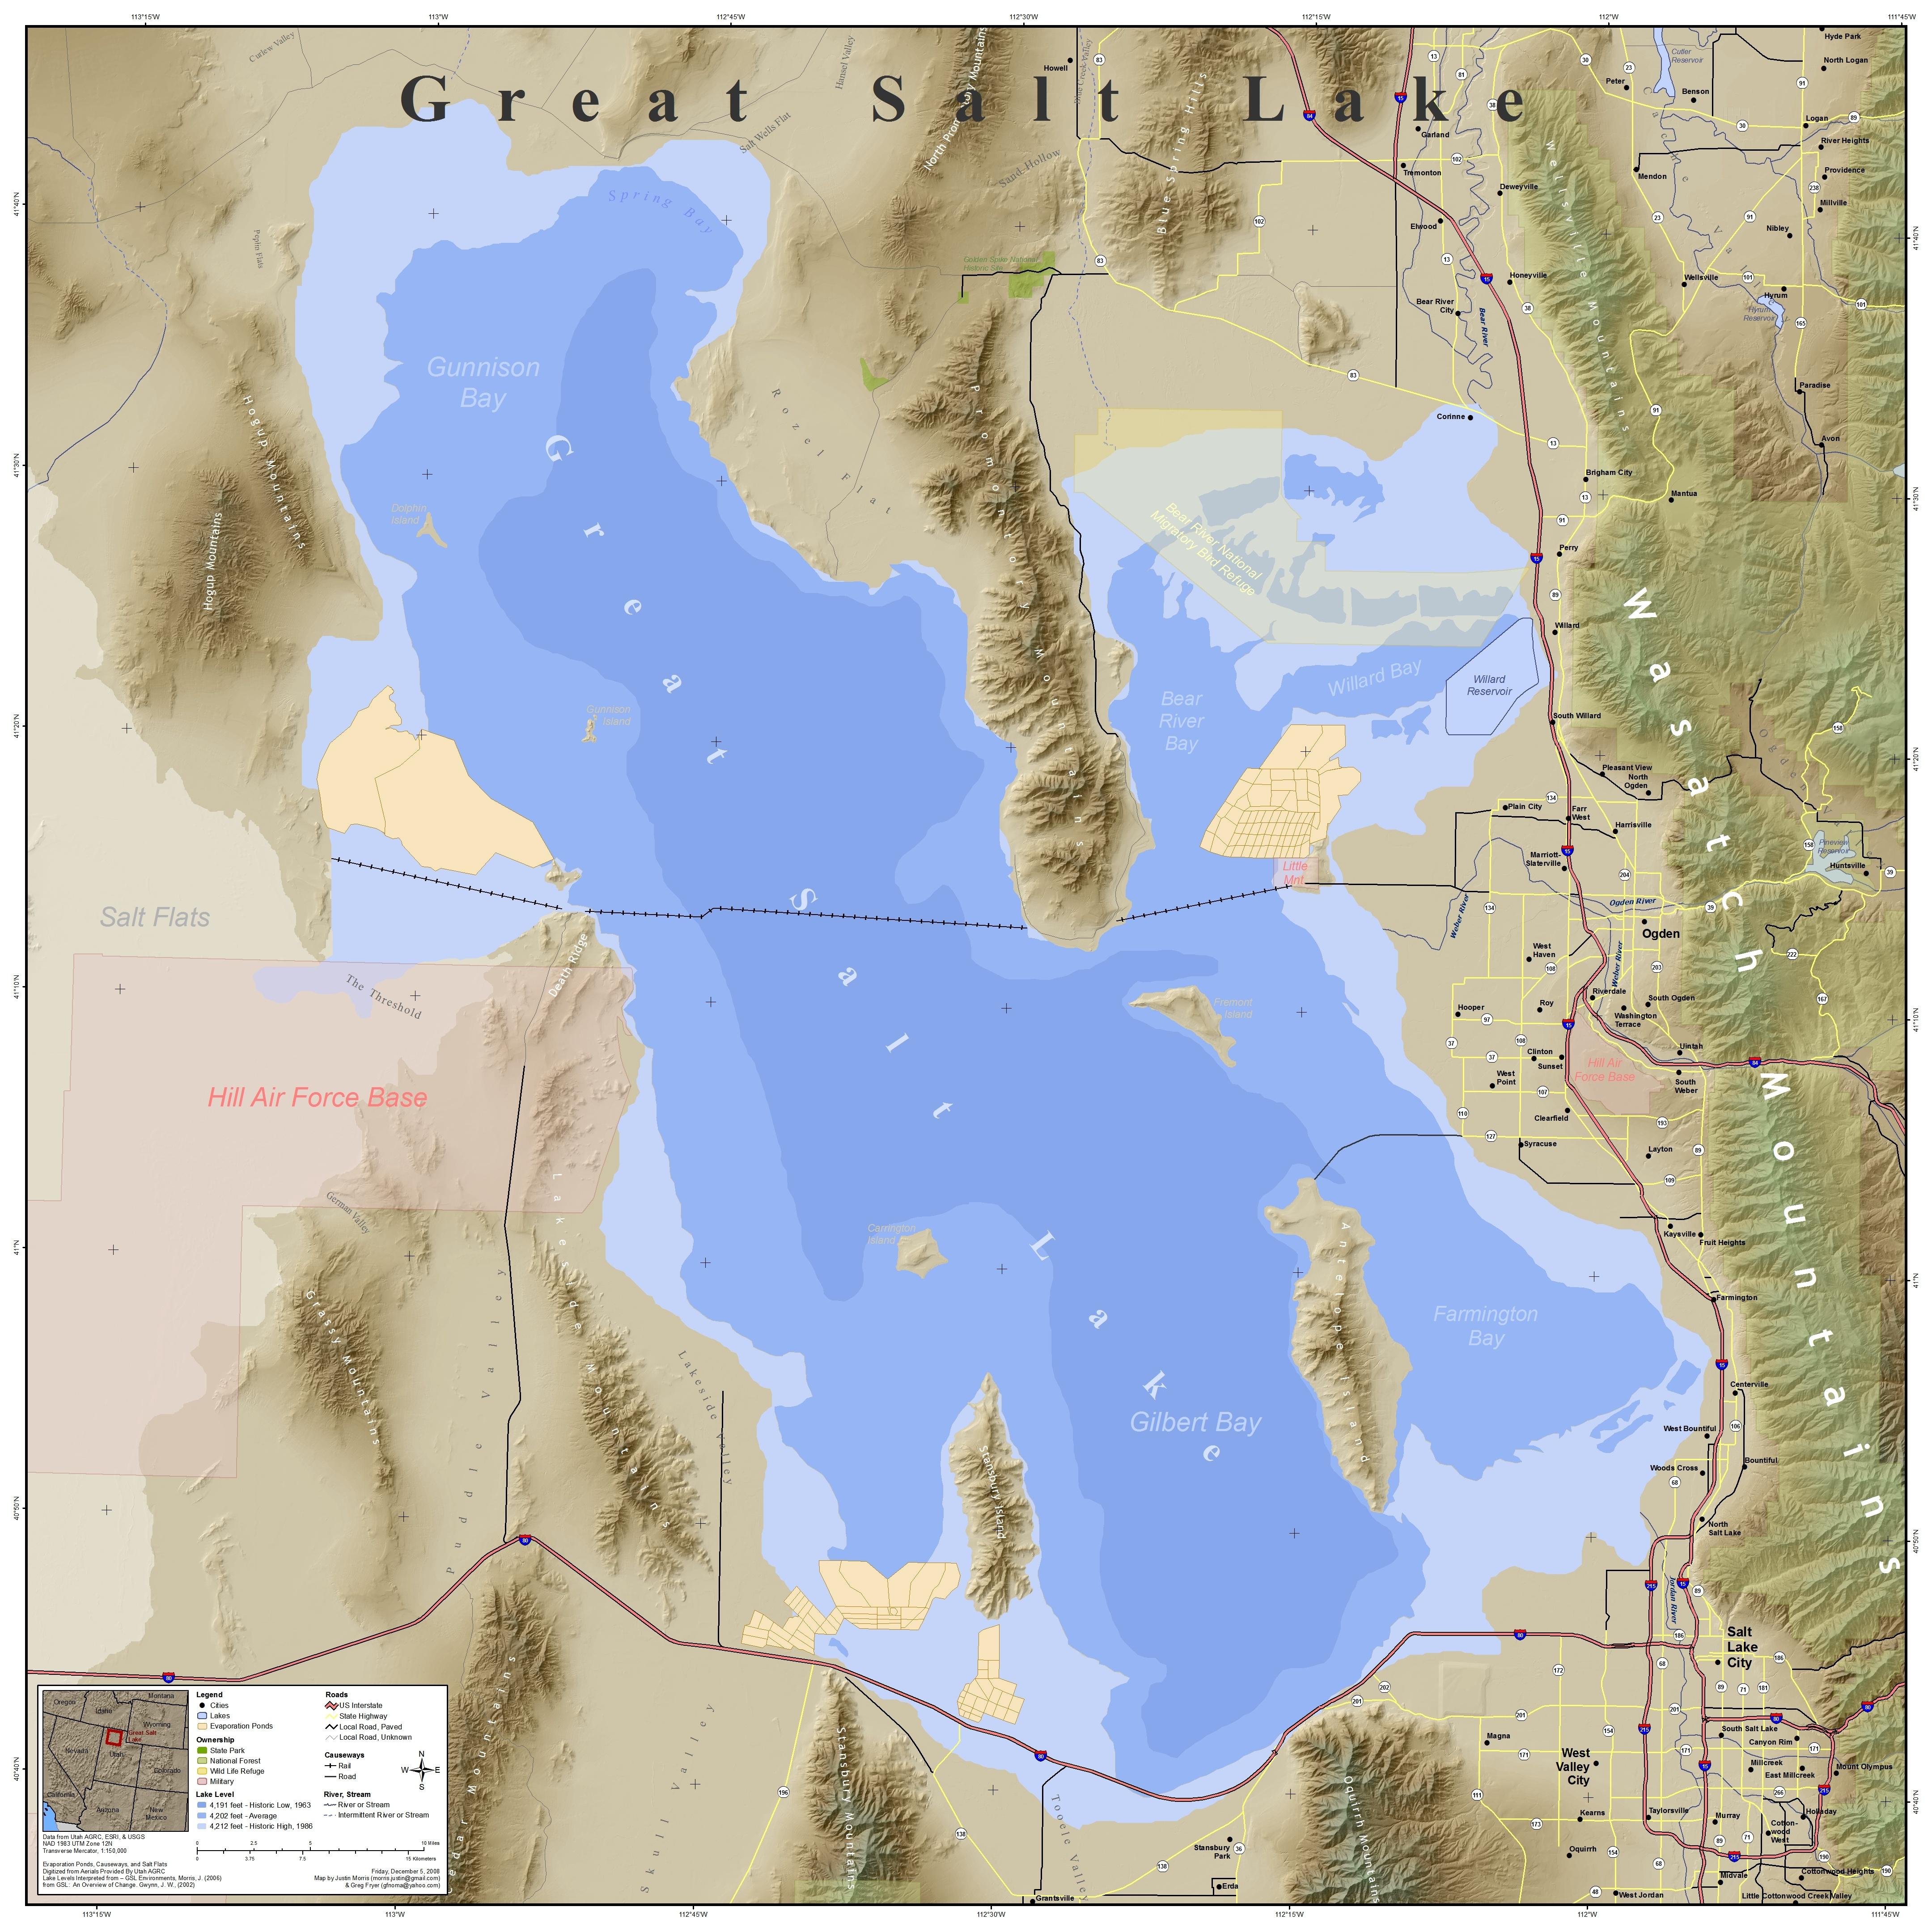 Great Salt Lake Map